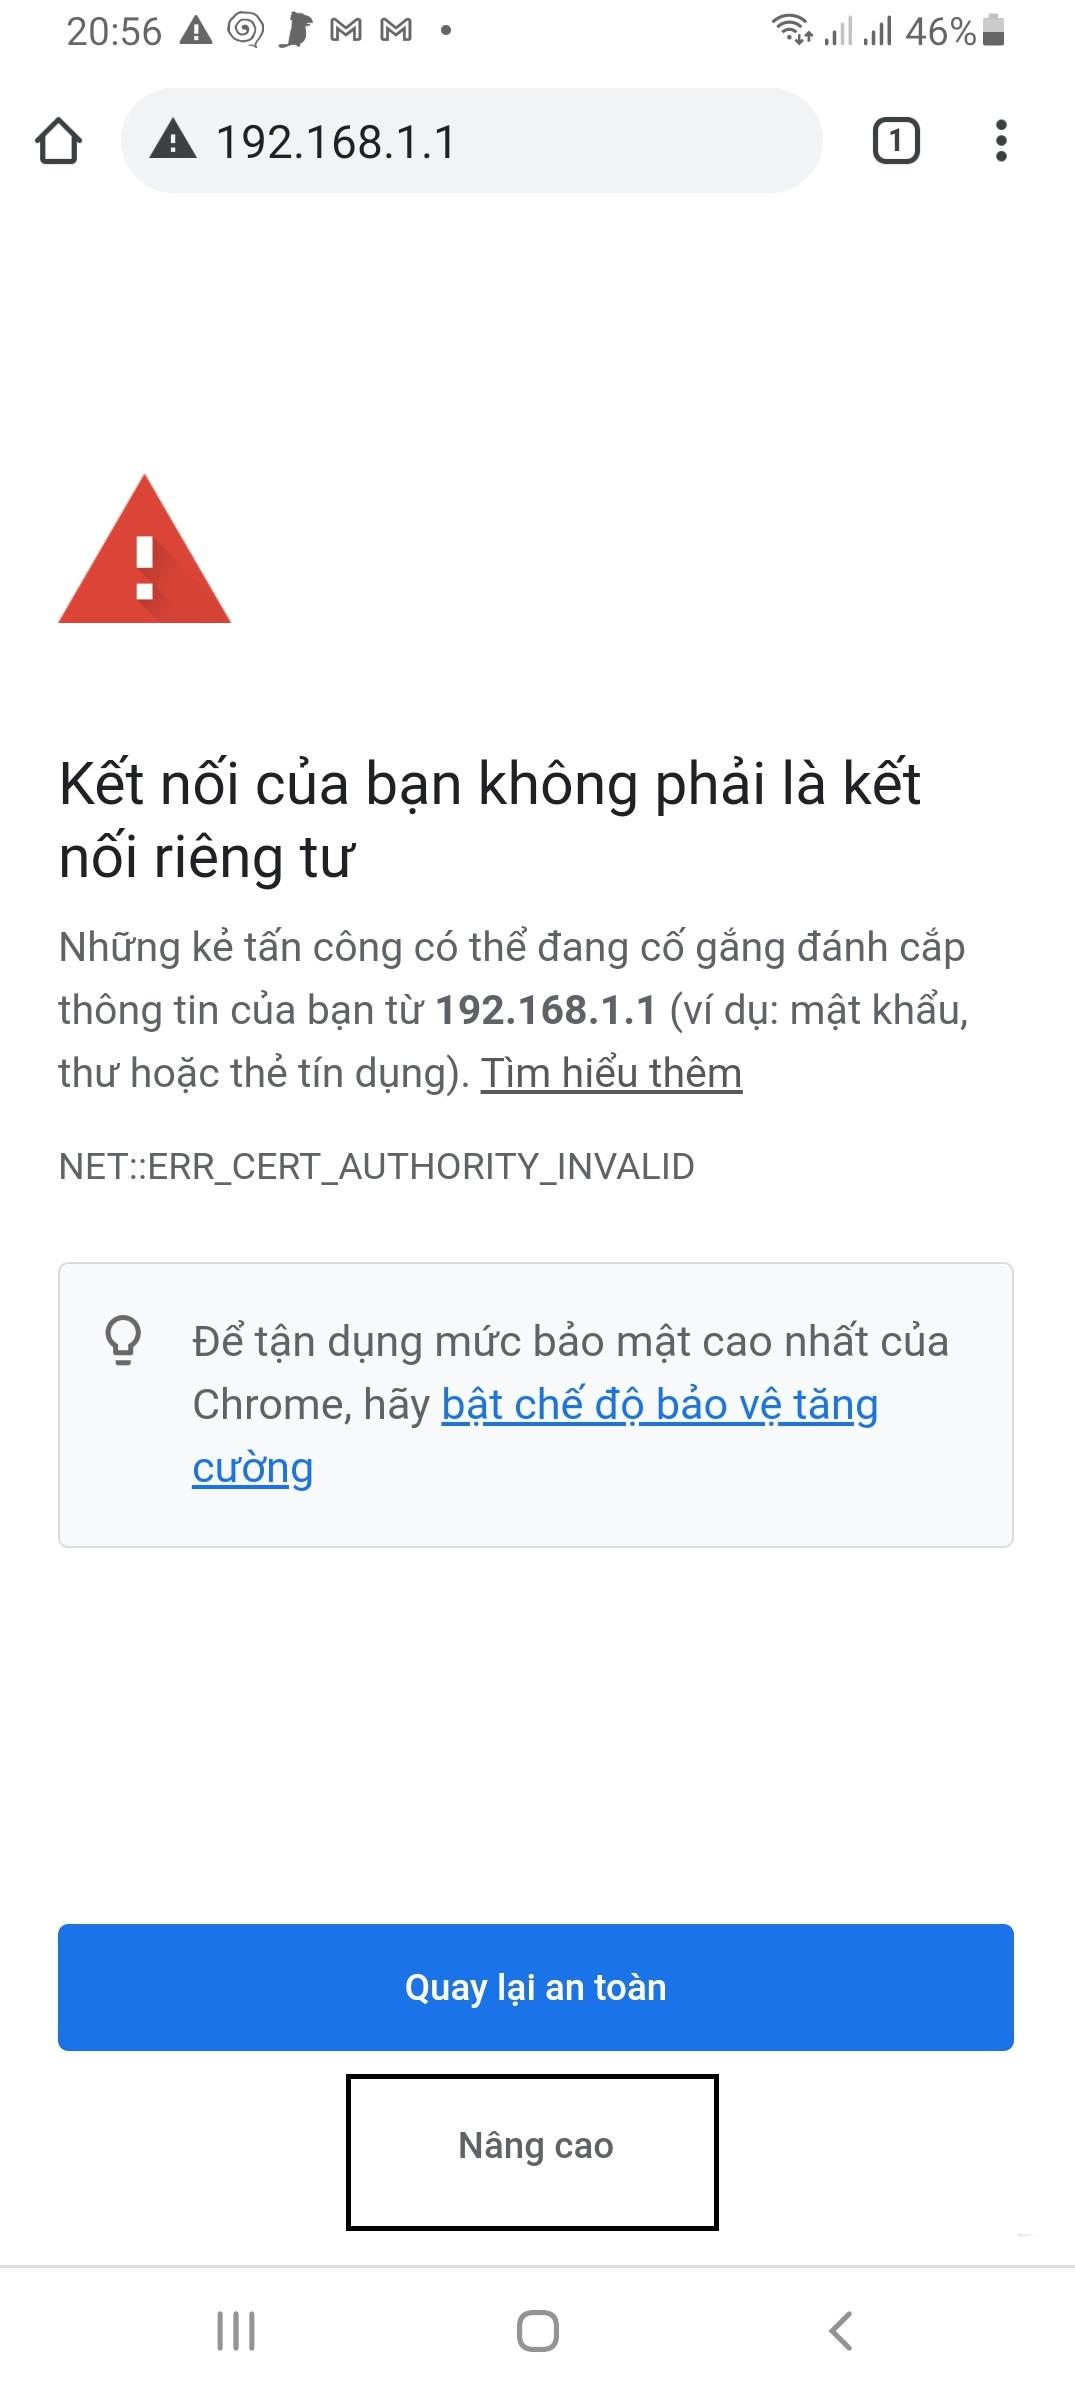 Dang Nhap 192.168.1.1